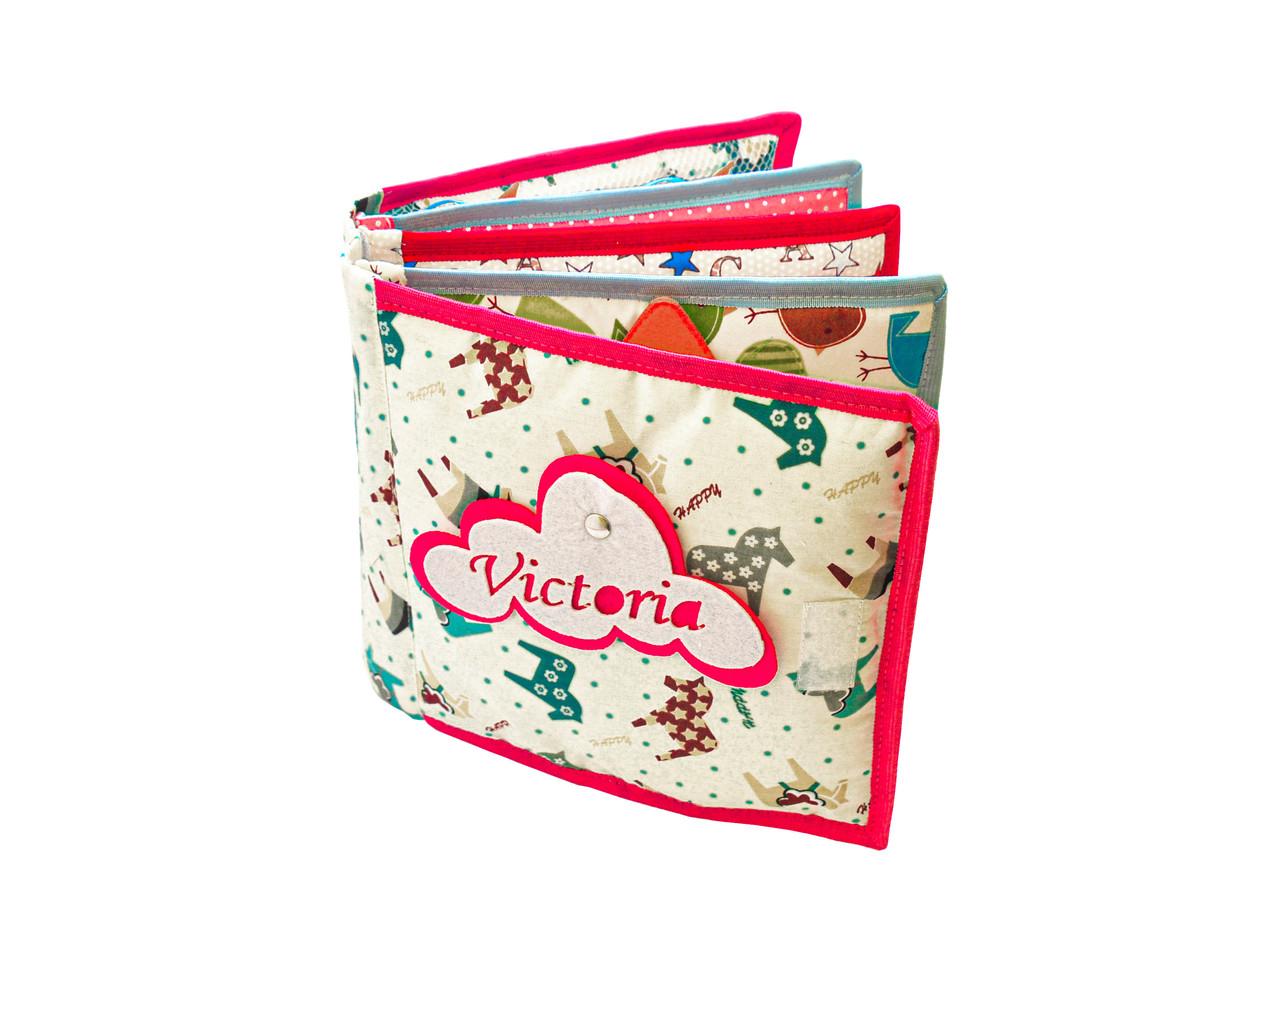 Мягкие книжки для малышей, Книжка шуршалка Handmade, 10 страниц /Horse